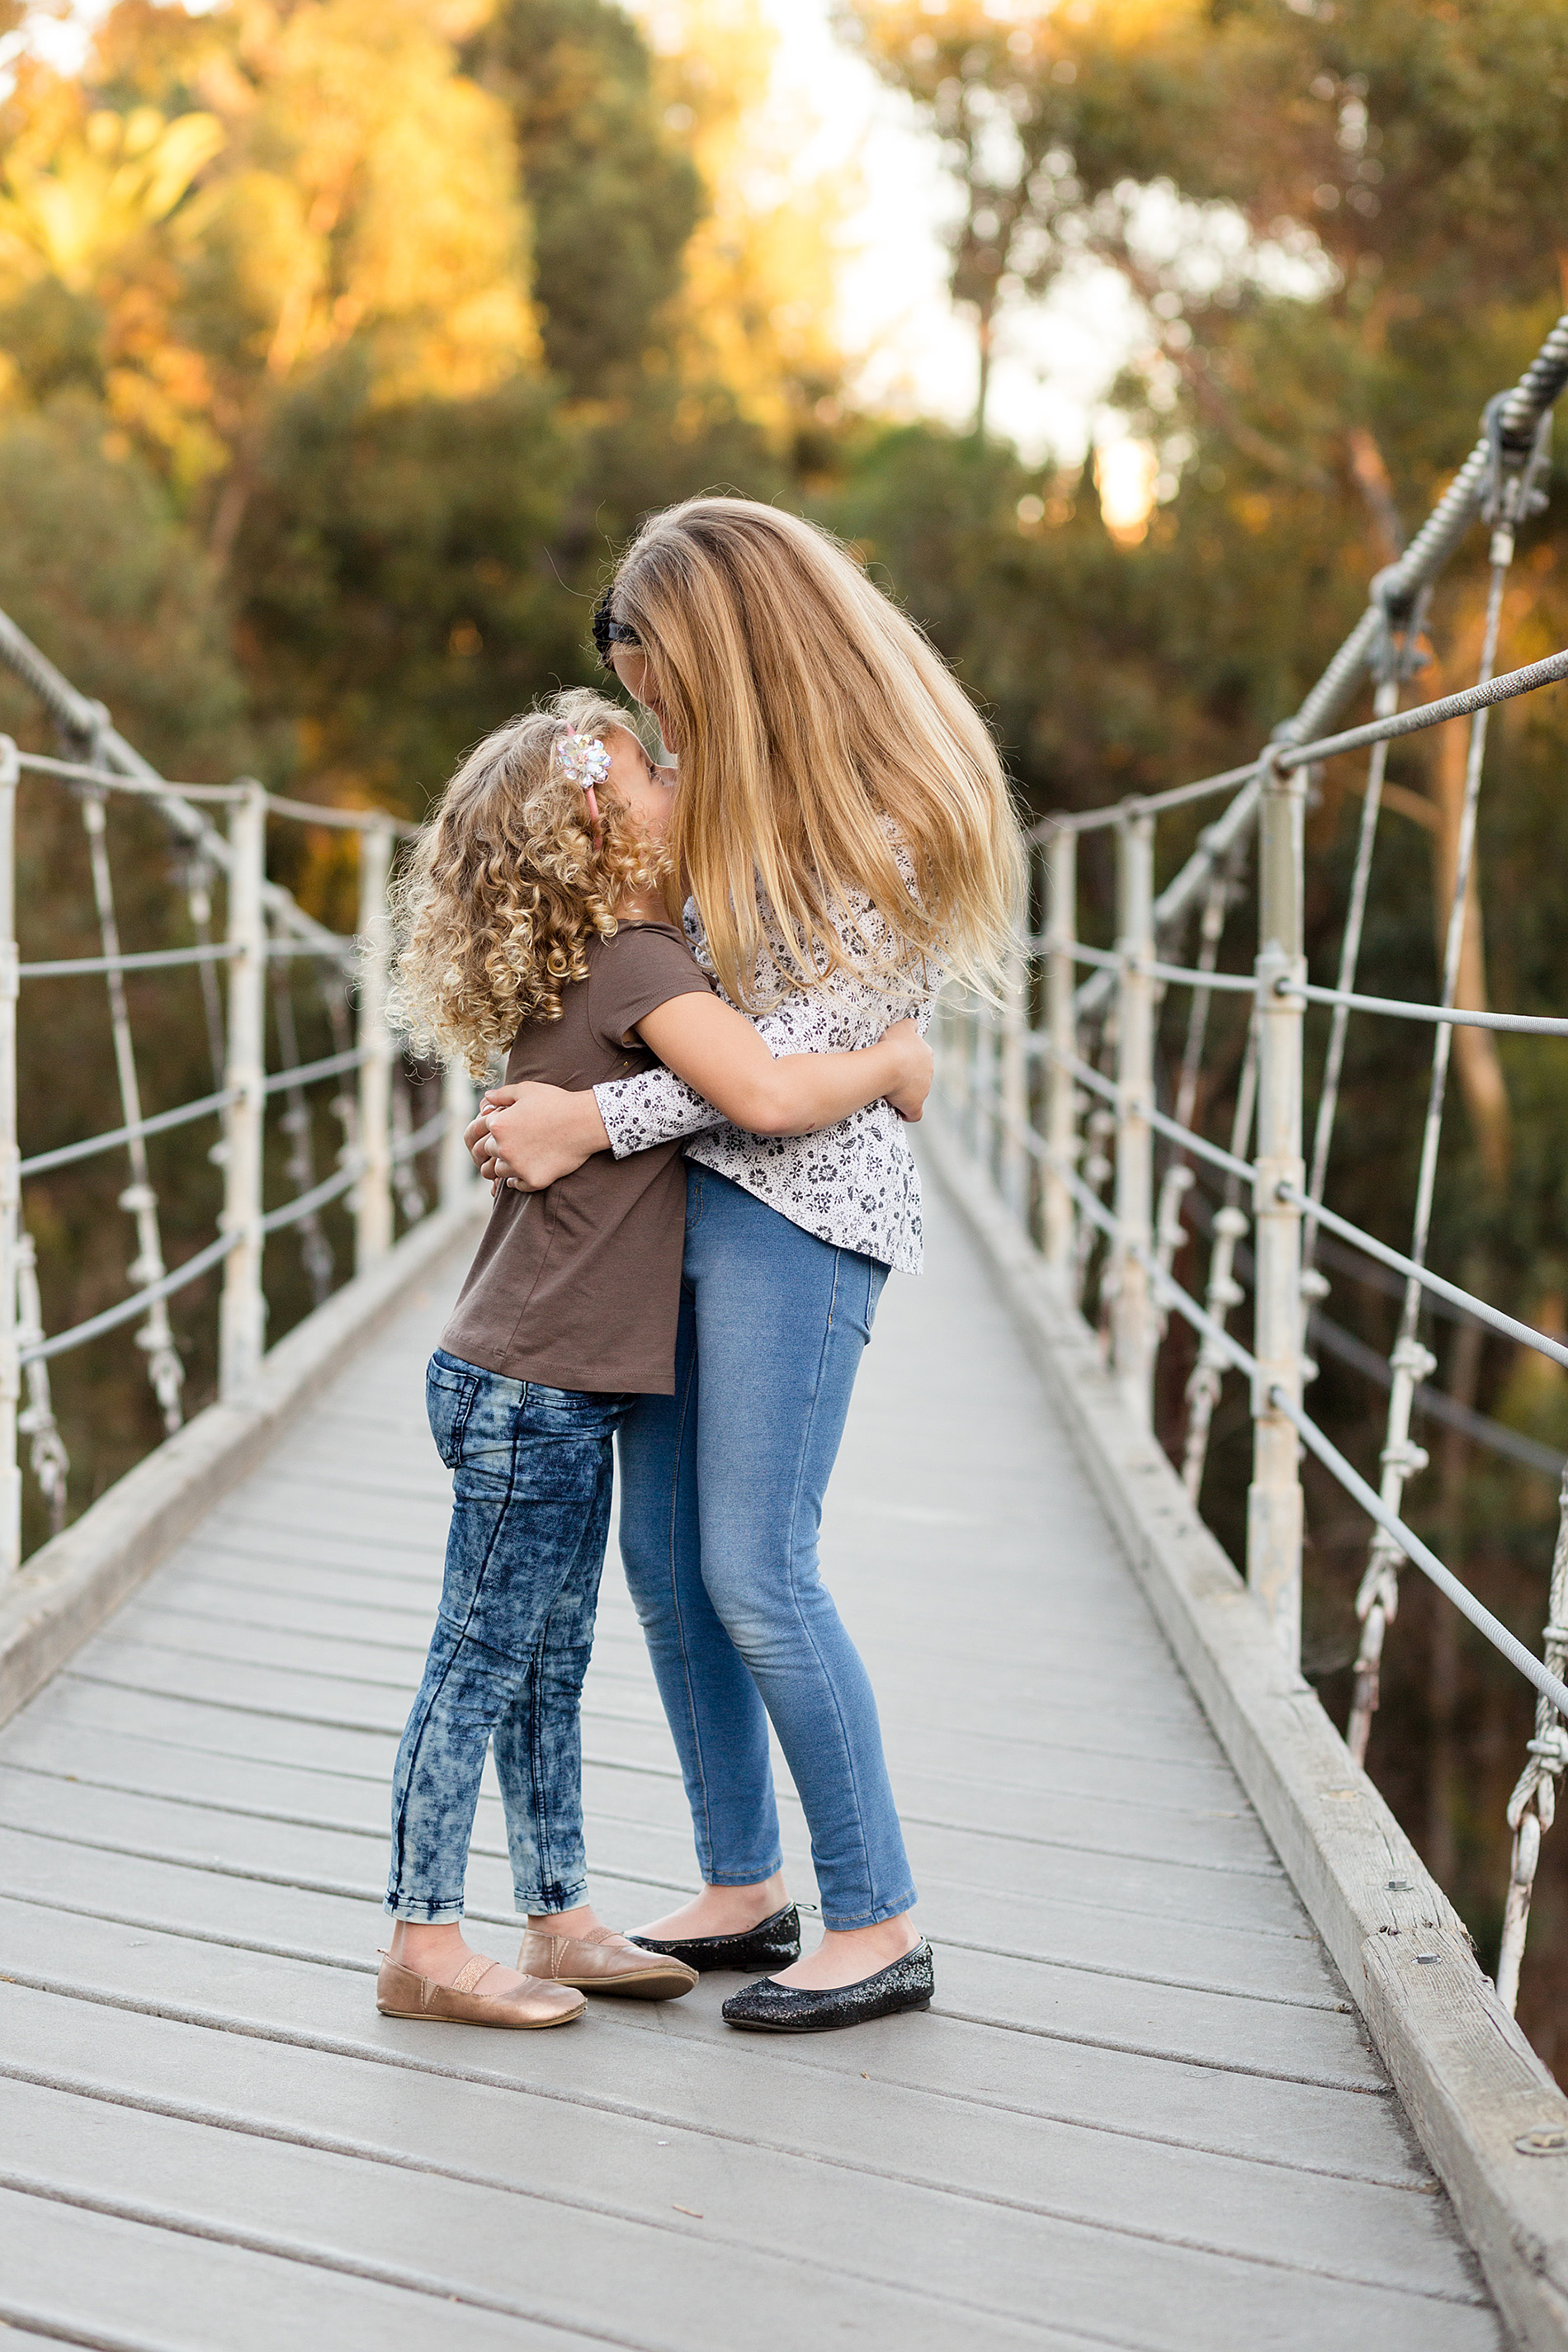 San Diego Family Photographer Christine Dammann Photography Holiday Photos.SFWS40.jpg